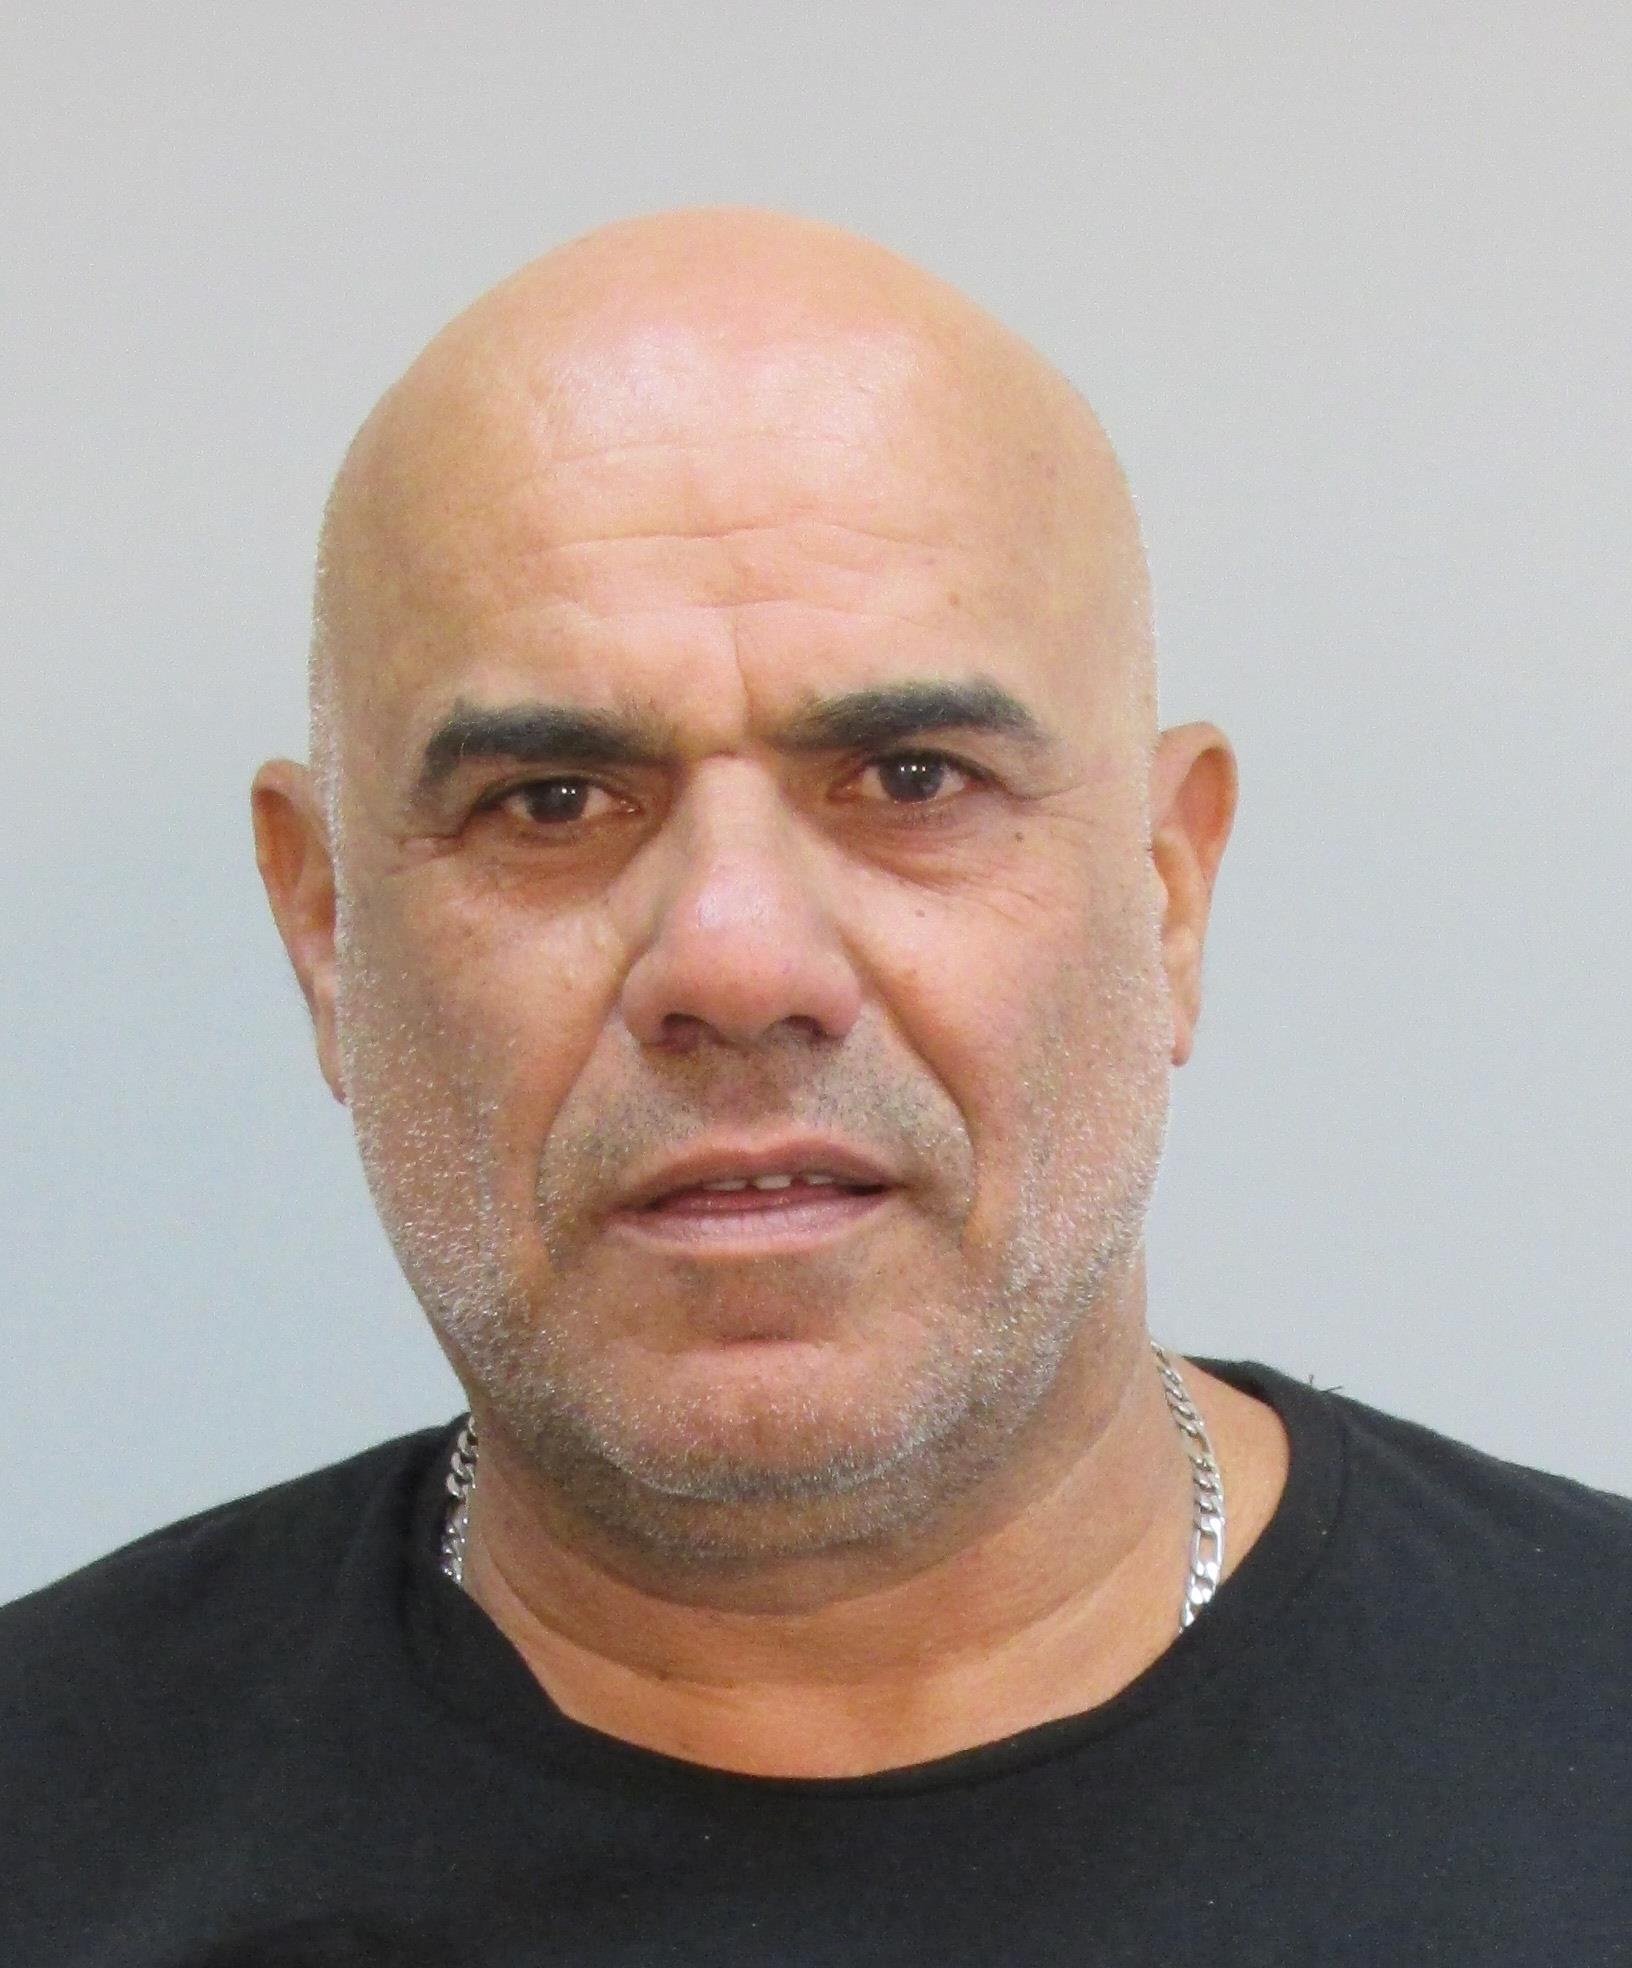 Shalom Amrani